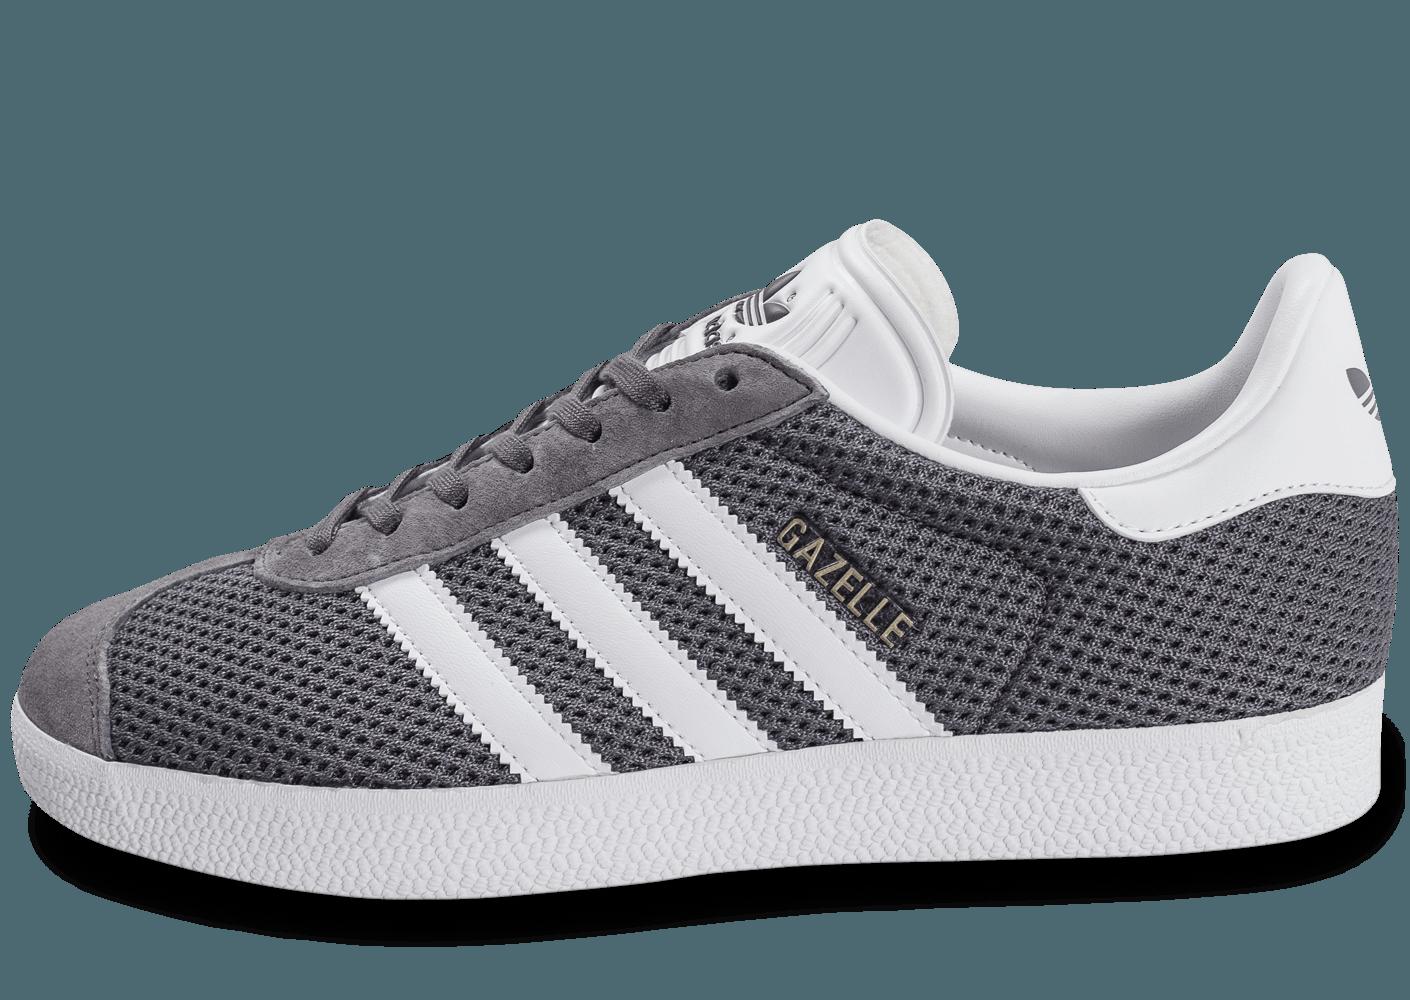 Vente de adidas gazelle grise clair Soldes